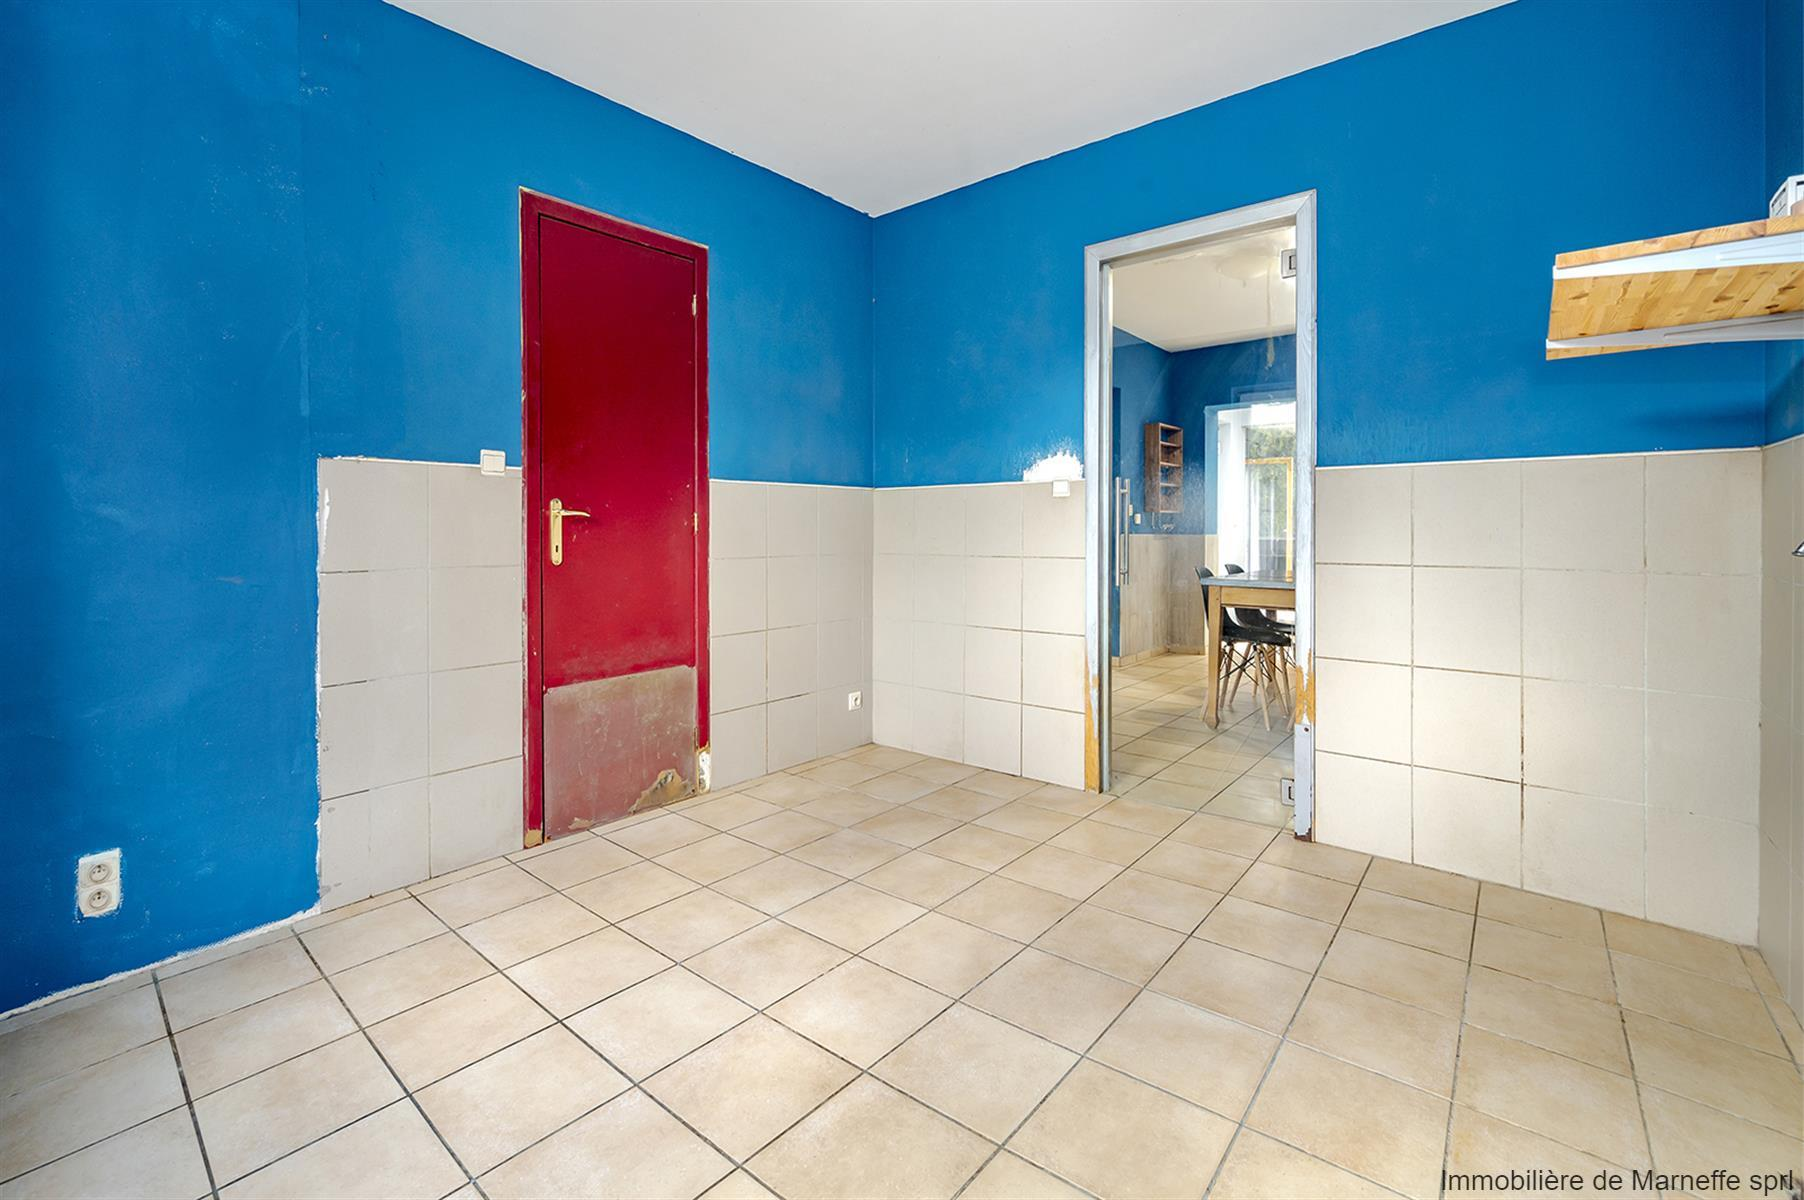 Maison - Villers-le-Bouillet - #4191827-15